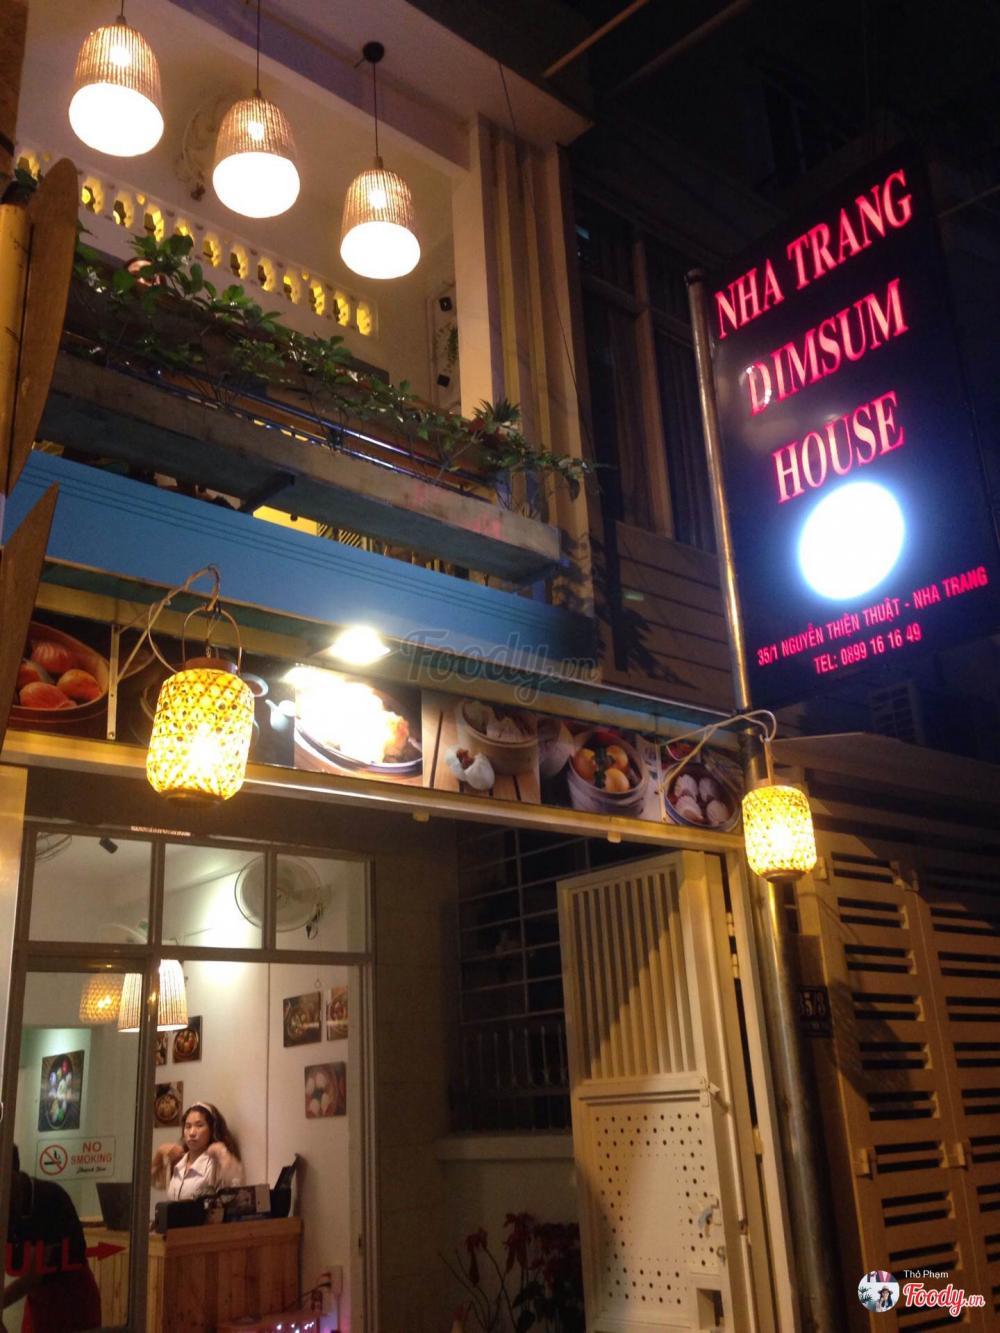 Nhà hàng Dimsum House địa điểm sống ảo mới đẹp mê hồn cho team sống ảo ở Nha Trang nằm trên đường Nguyễn Thiện Thuật. Ảnh Foody.